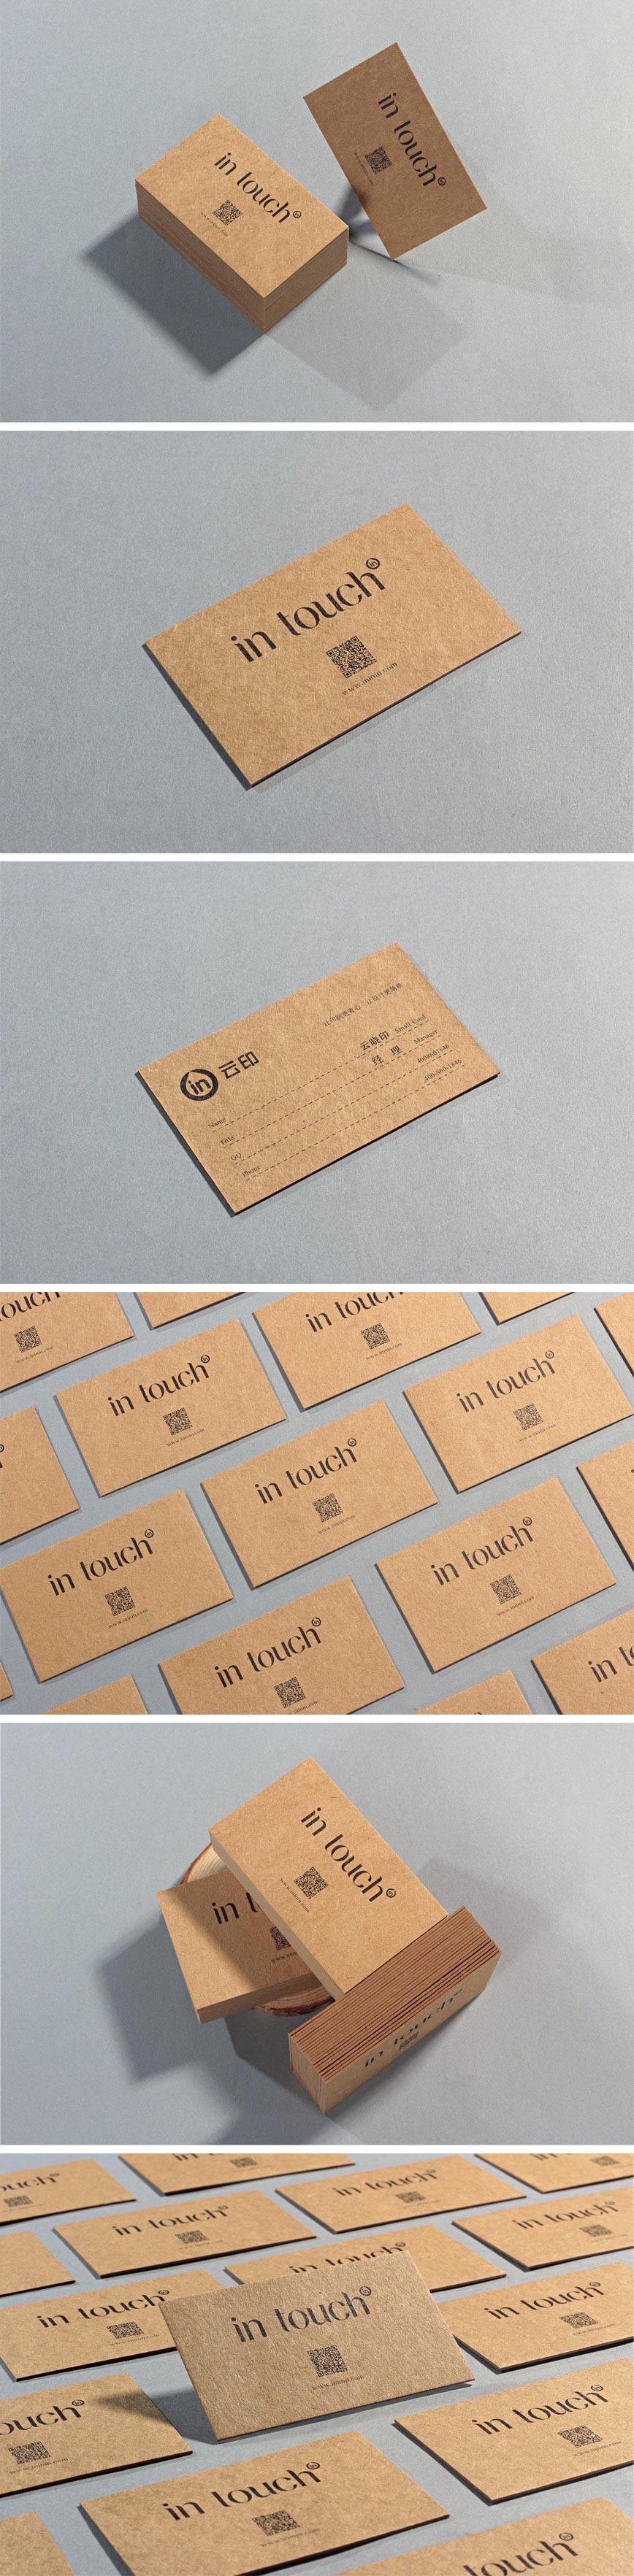 牛皮紙(牛卡紙)名片樣品展示,牛皮紙(牛卡紙)名片局部細節、顏色、款式展示。